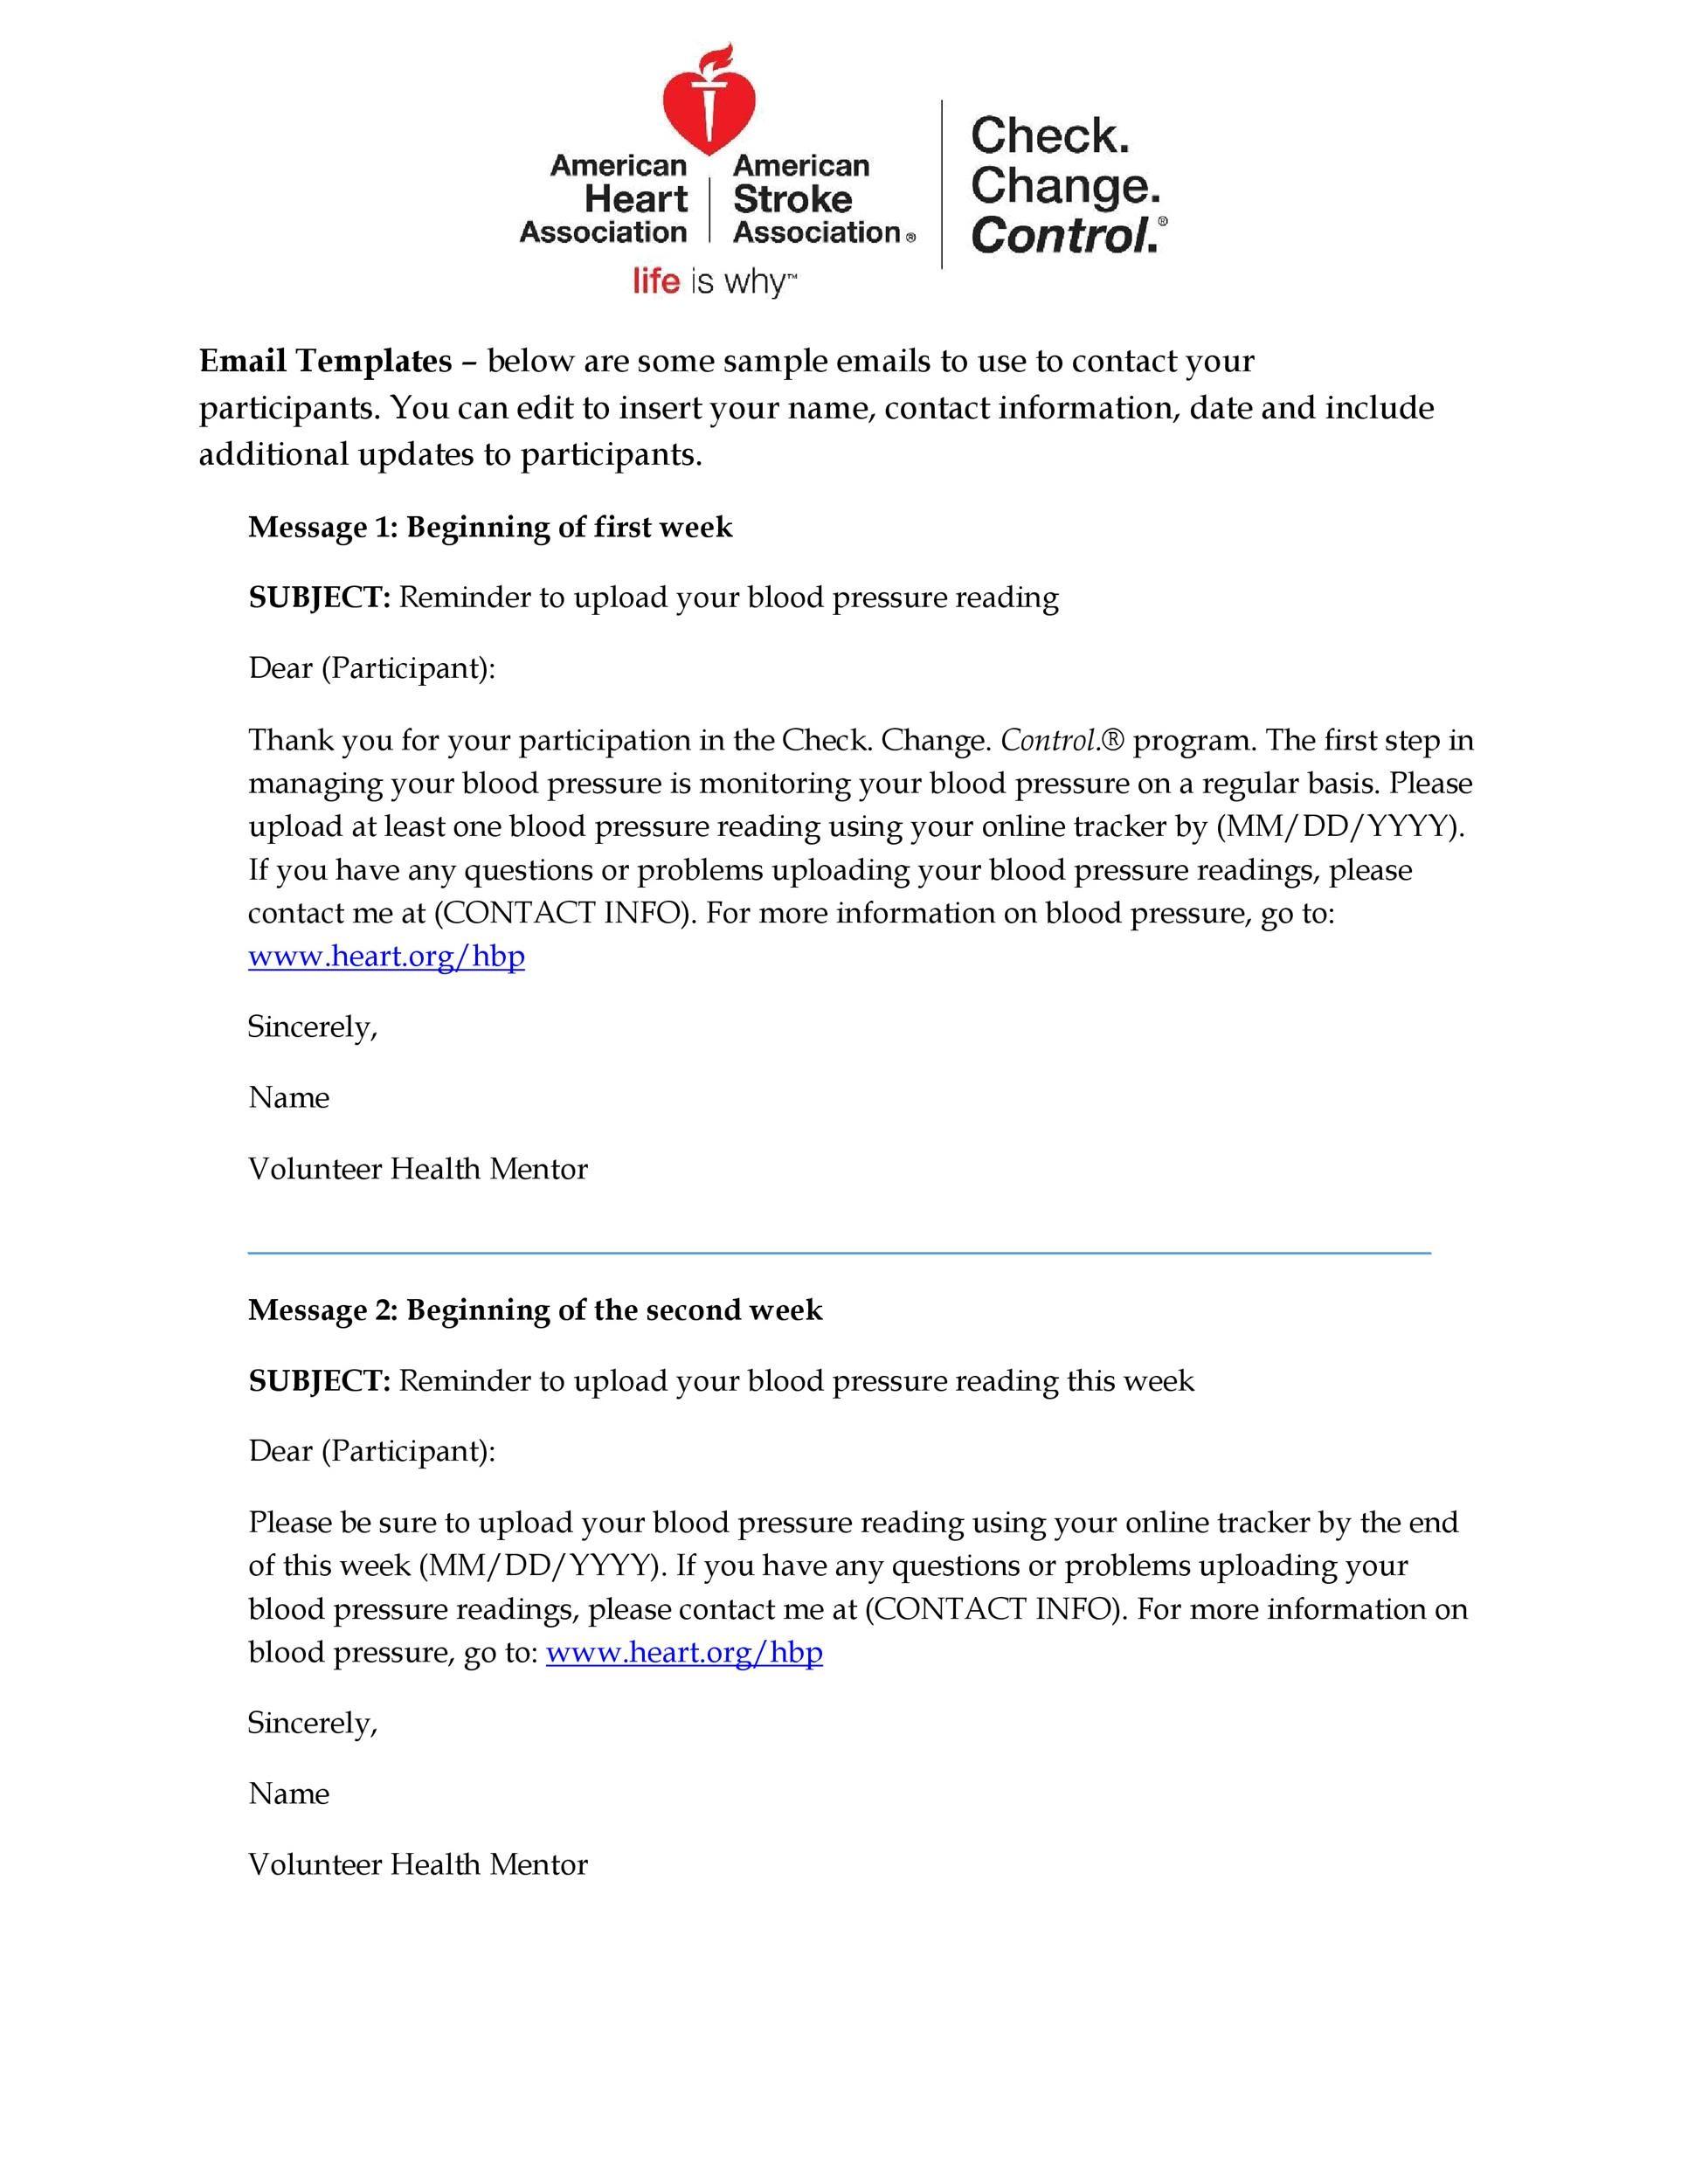 Free reminder email sample 37